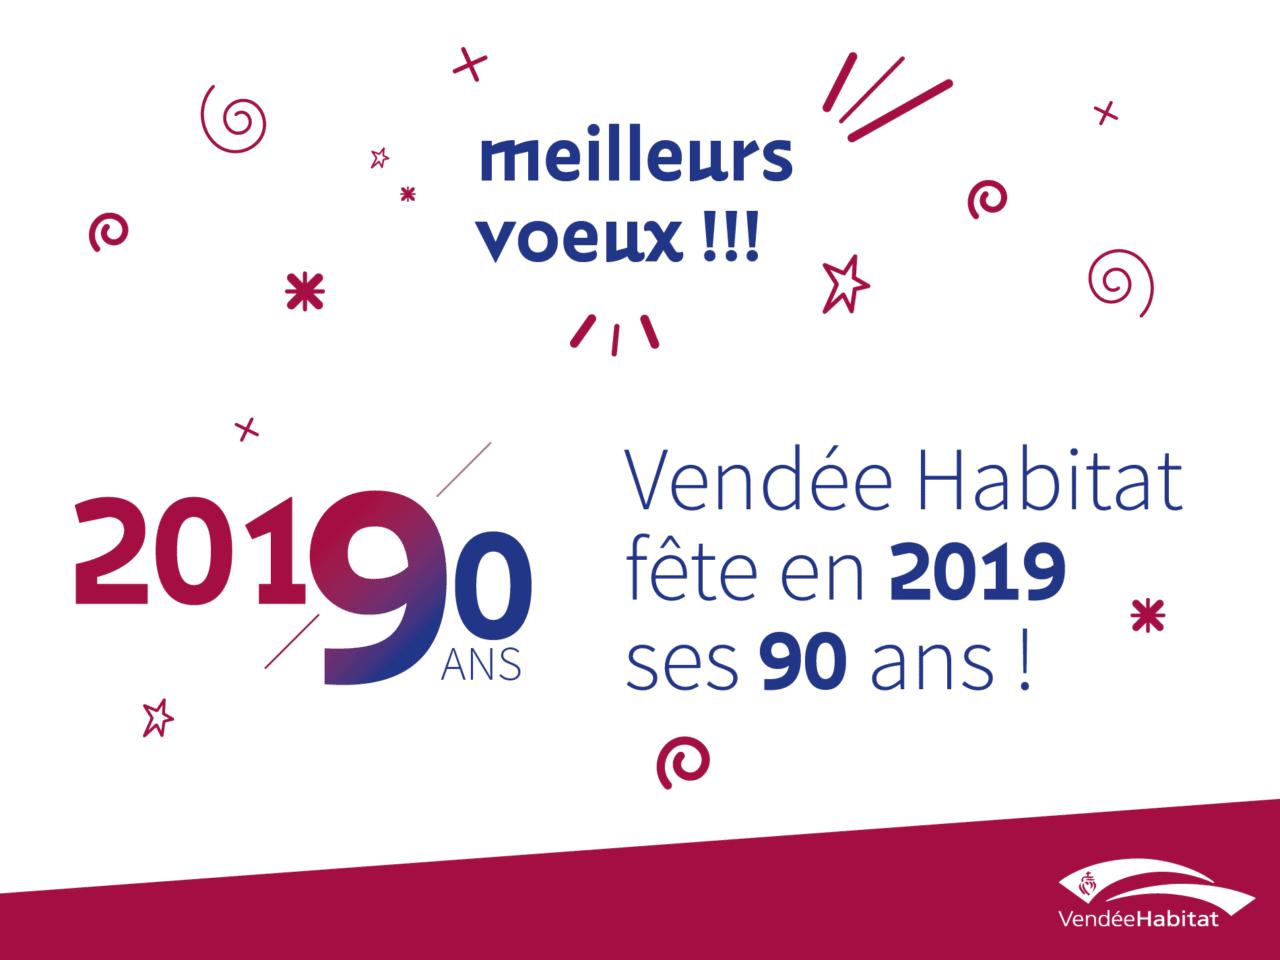 Vendée Habitat vous présente ses meilleurs voeux 2019